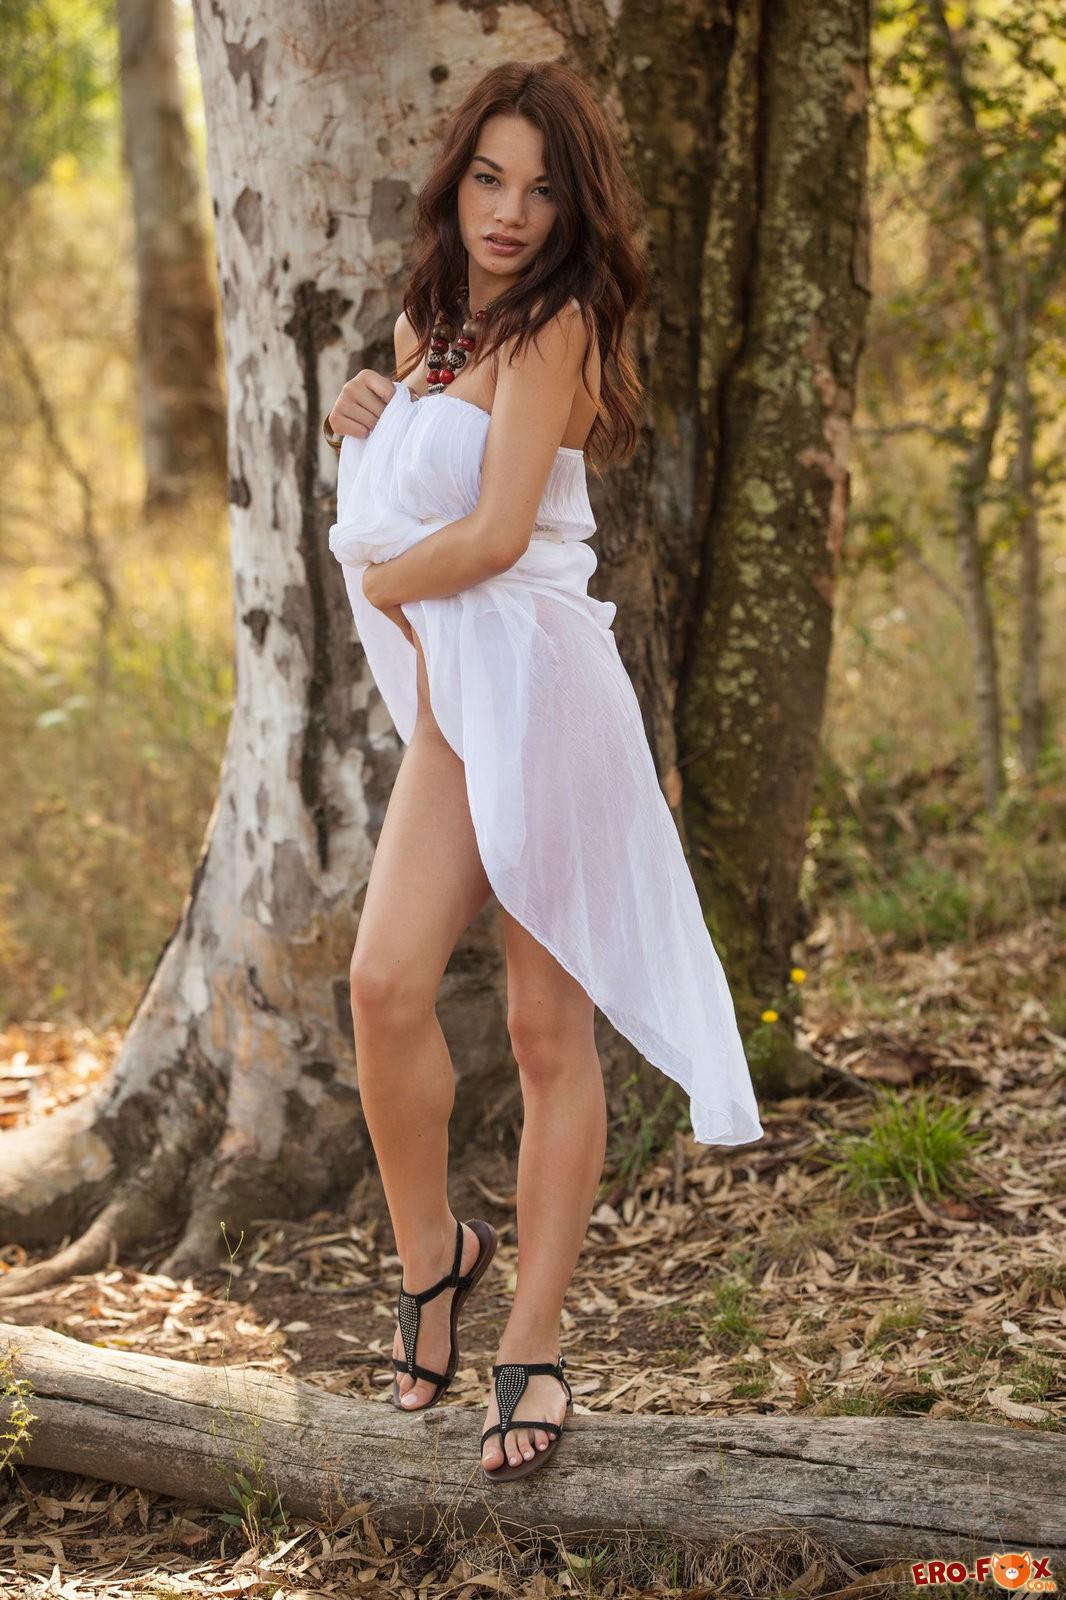 Голая красотка раздвинула ноги в лесу